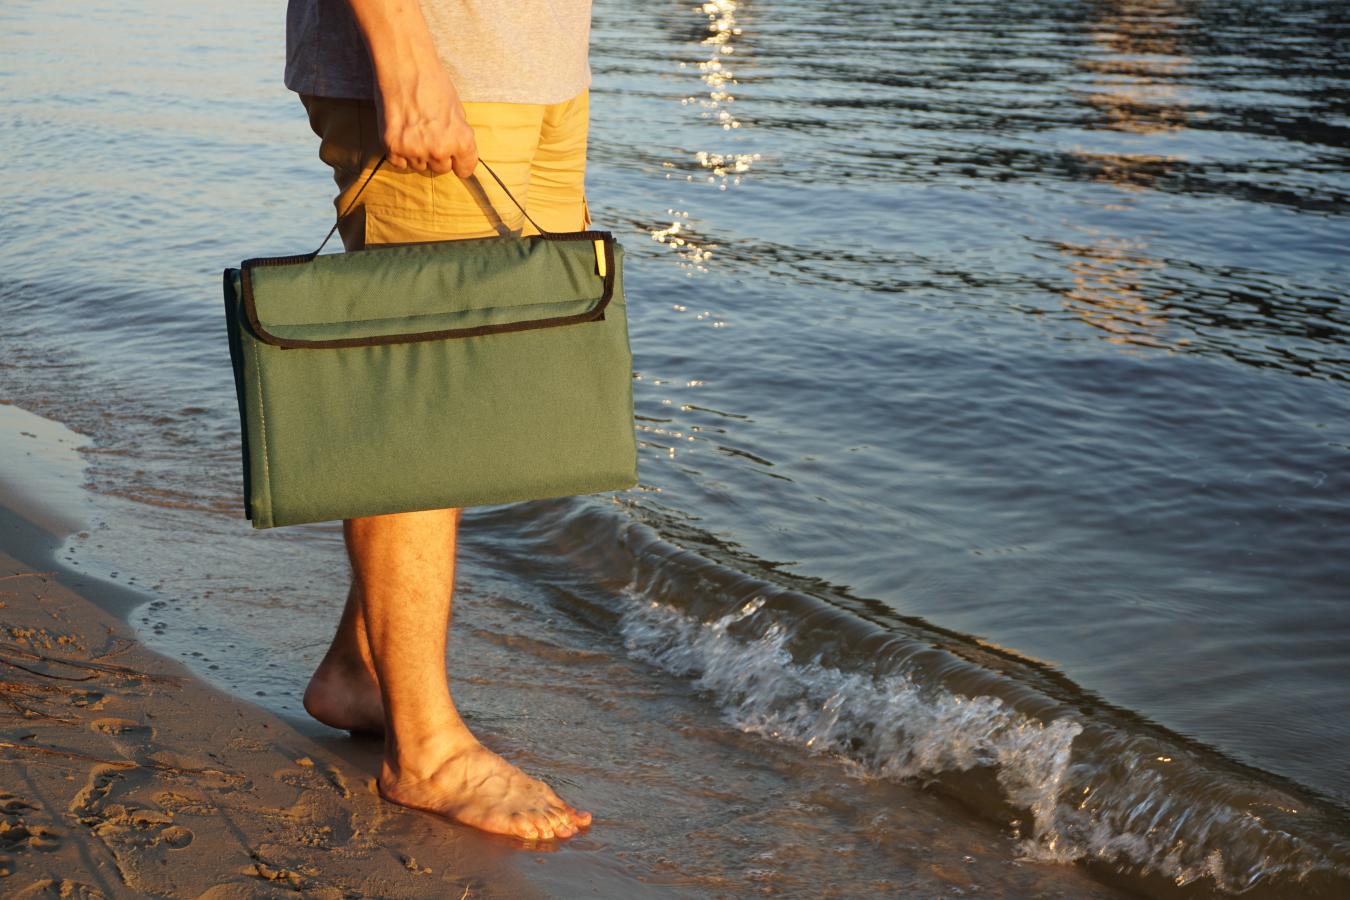 Килимок для пікніка і пляжу водонепроникний, компактний